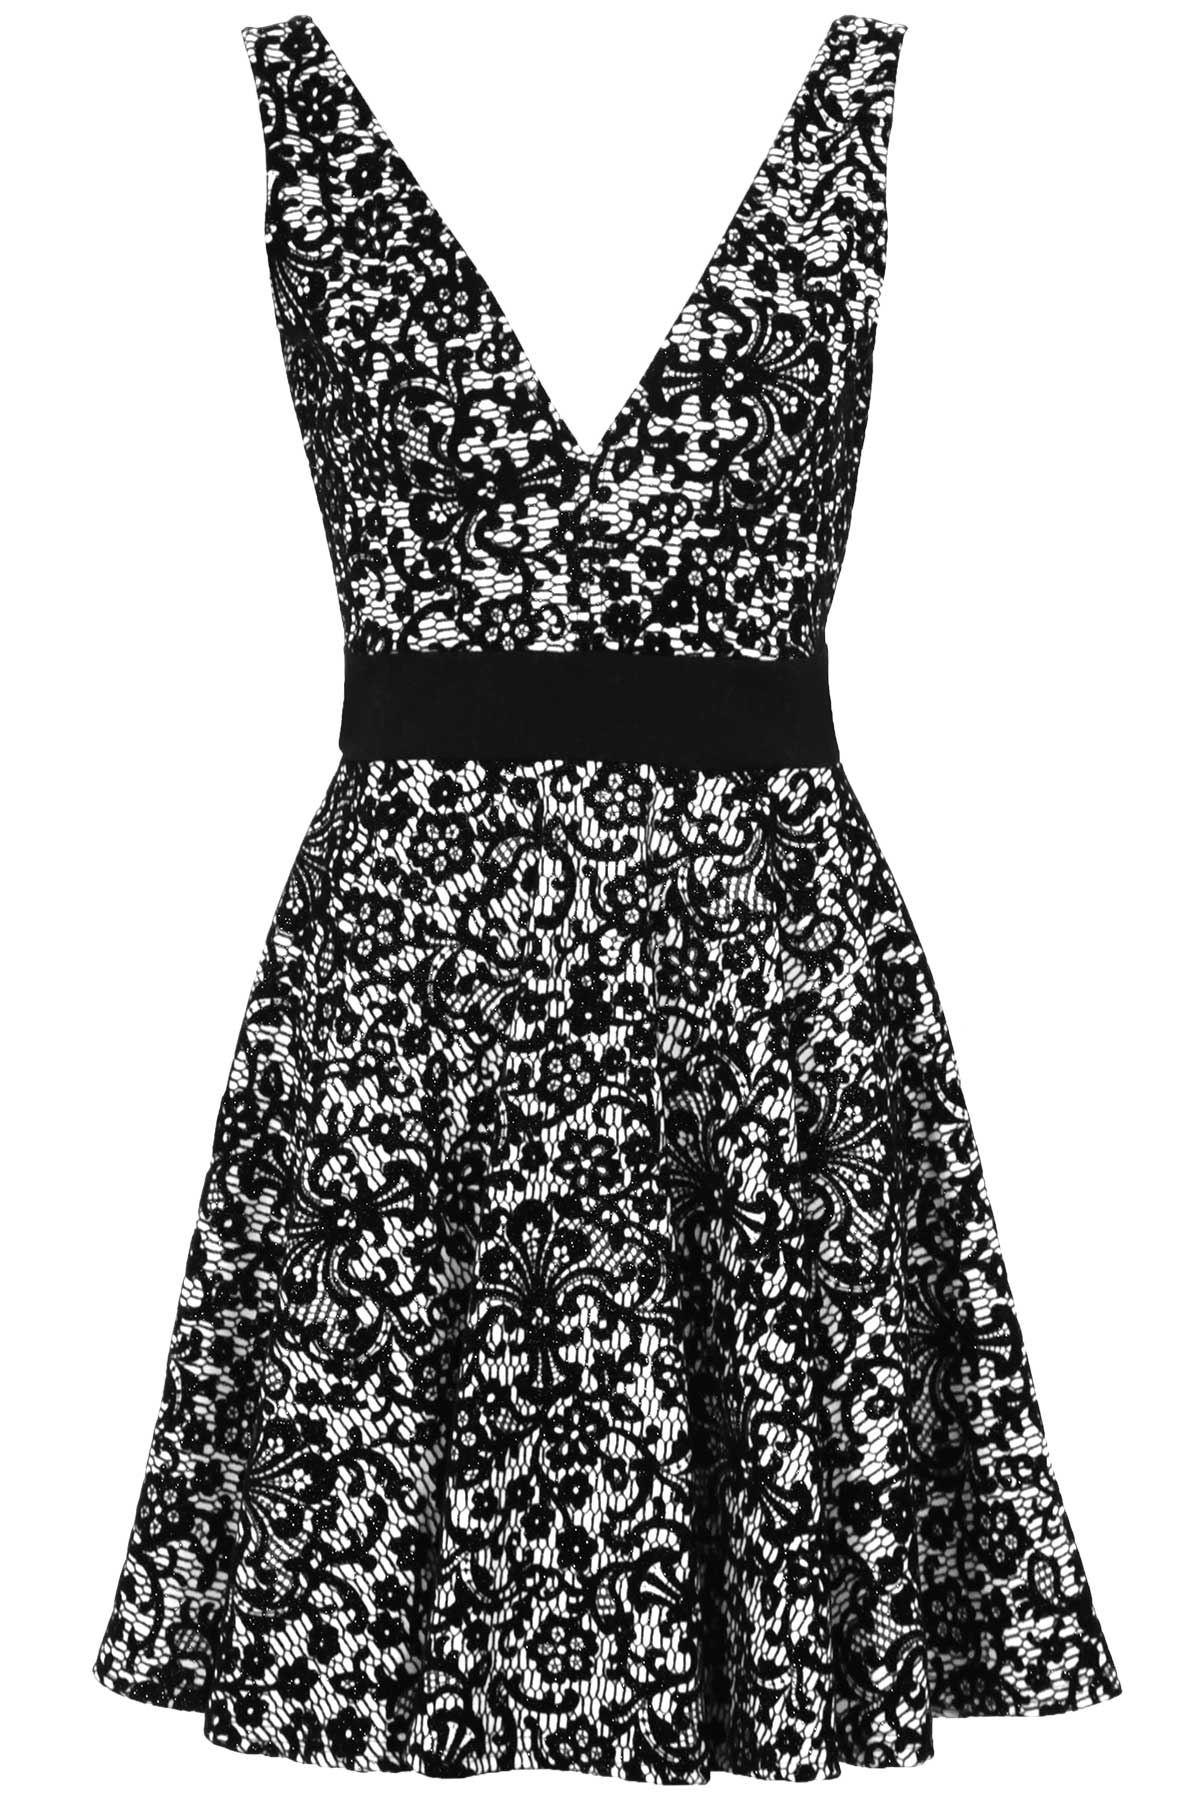 93267b7783ae V collo basso schiena Glitter gregge floreale Ladies Skater Flare Party  Dress donne